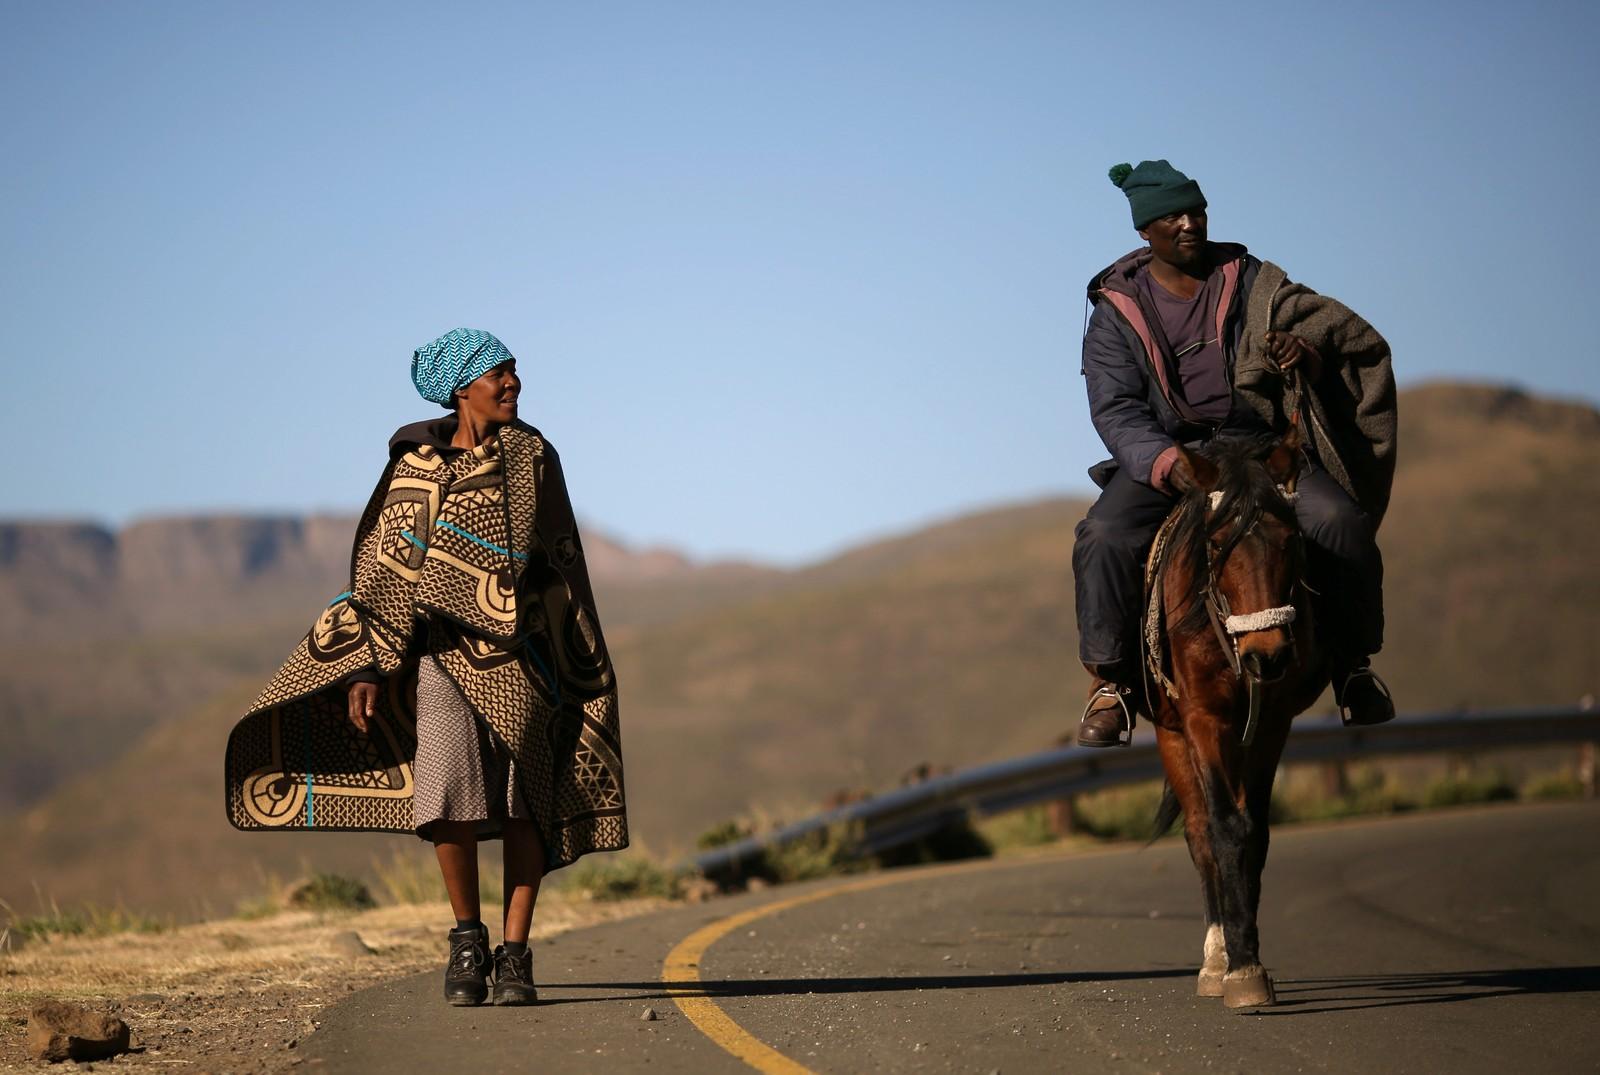 Et par på vei hjem etter å ha stemt ved valget i Lesotho.